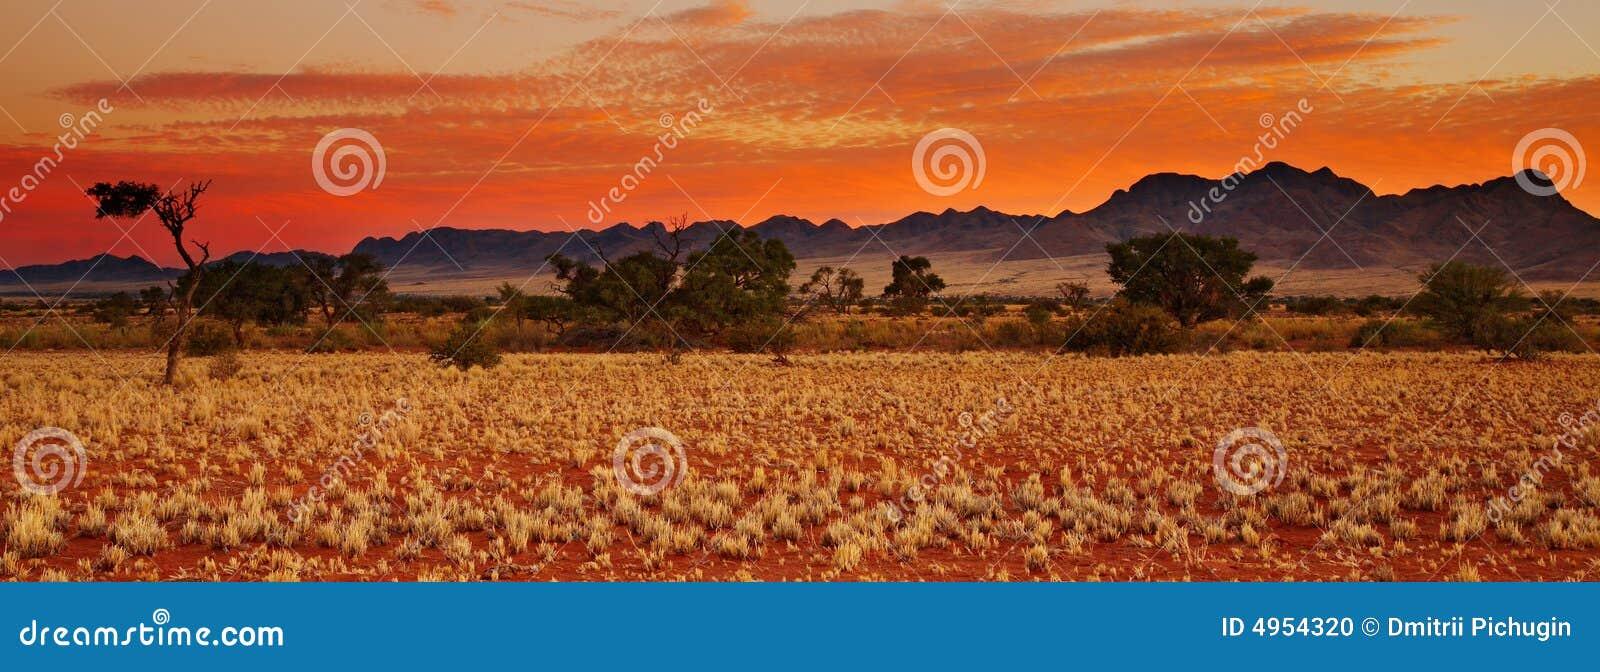 Pustynię Kalahari